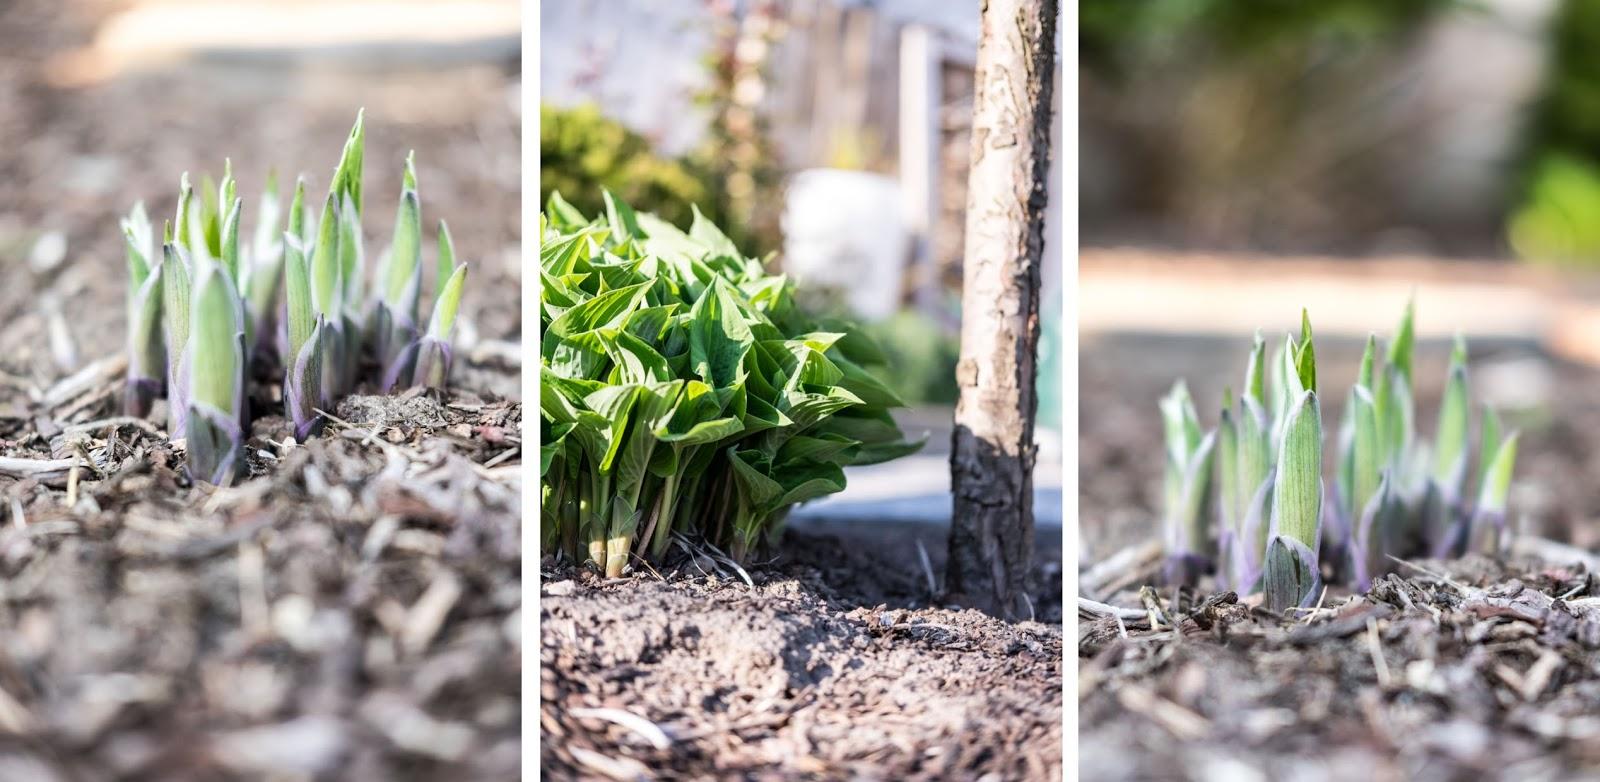 fim.works, ein Lifestyle Blog | Funkien, Hosta, Gartenbeet, knospende Grünpflanzen